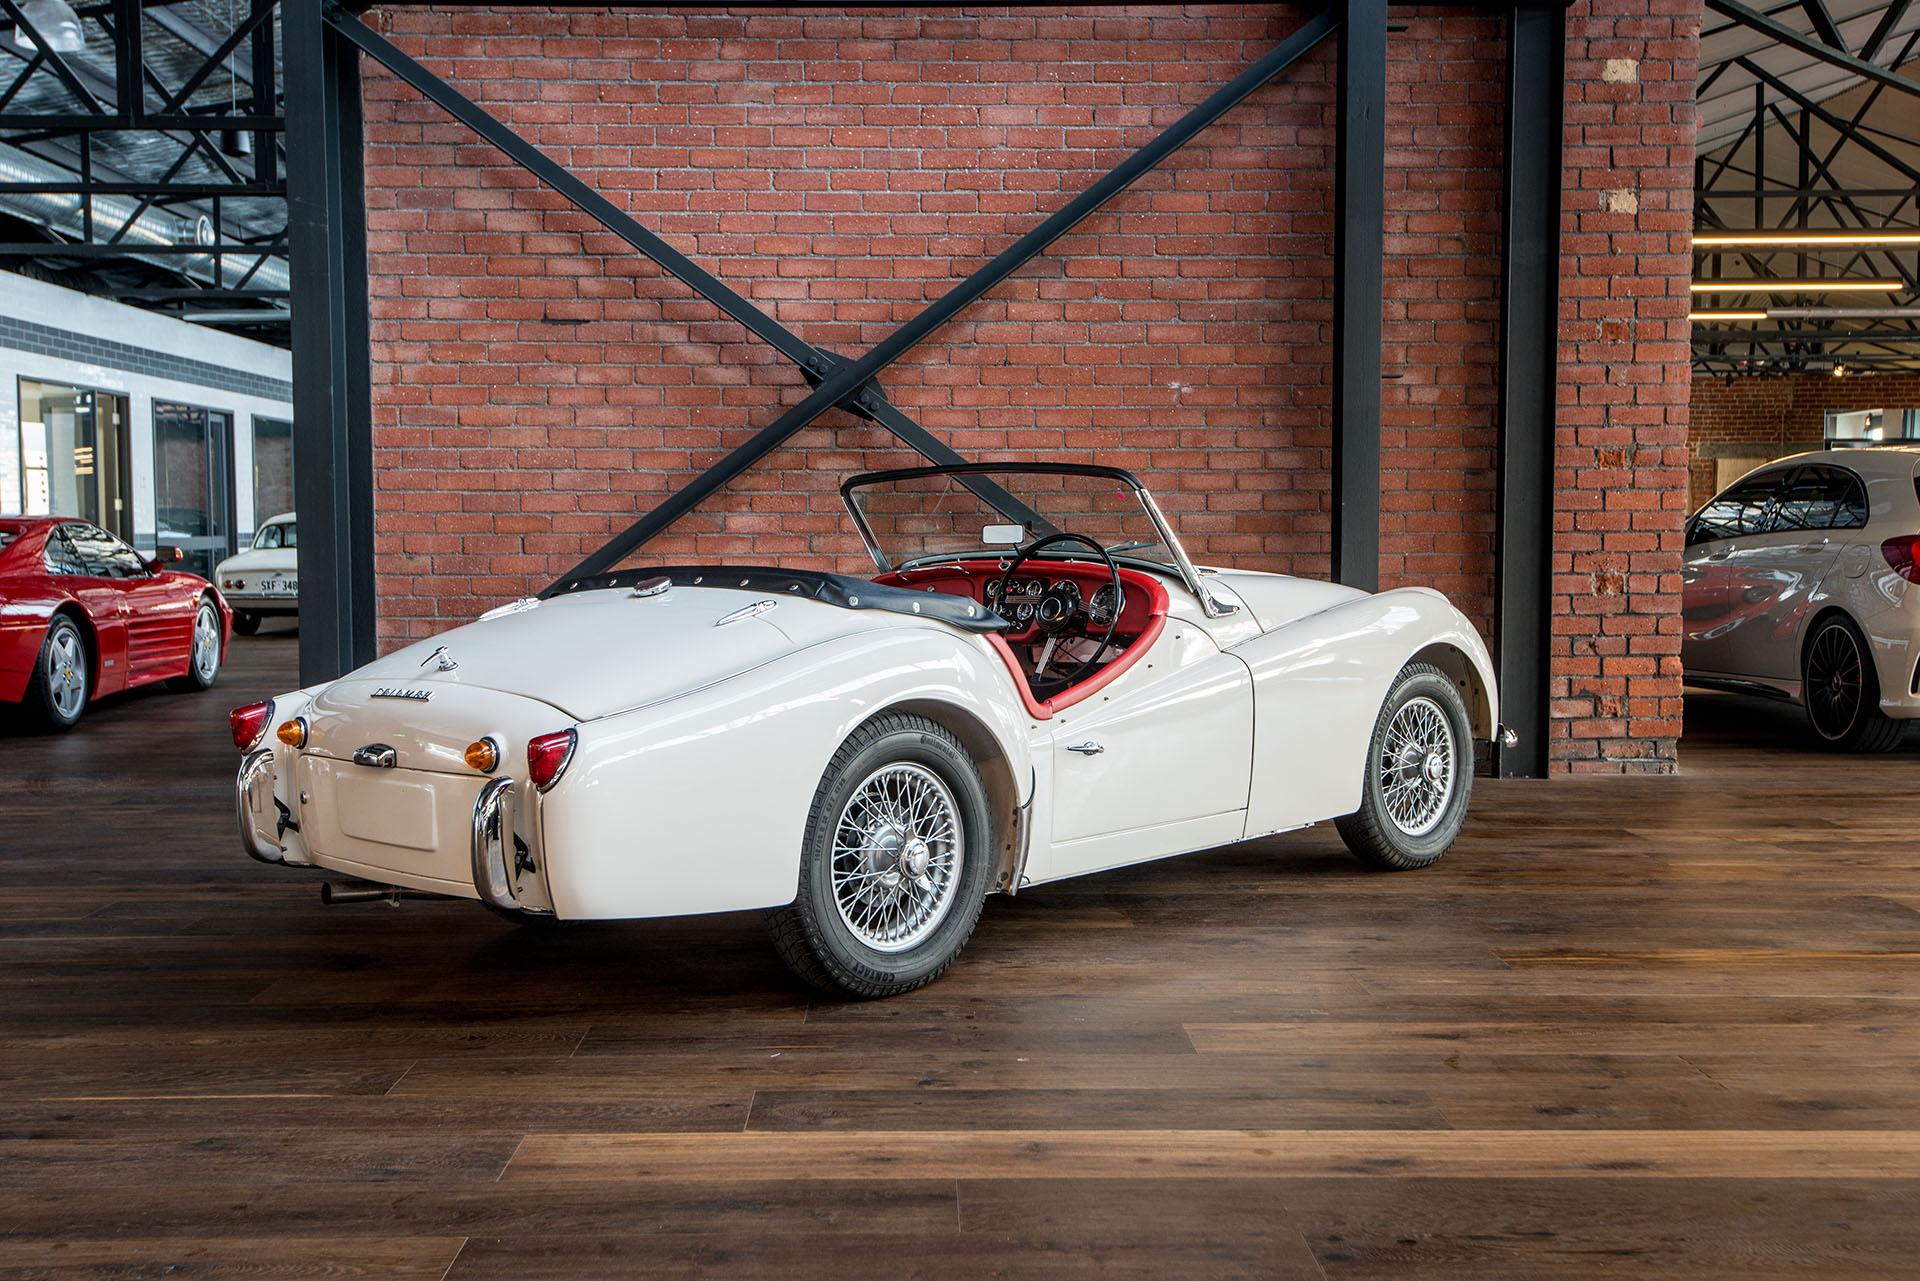 1960 Triumph Tr3a Richmonds Classic And Prestige Cars Storage